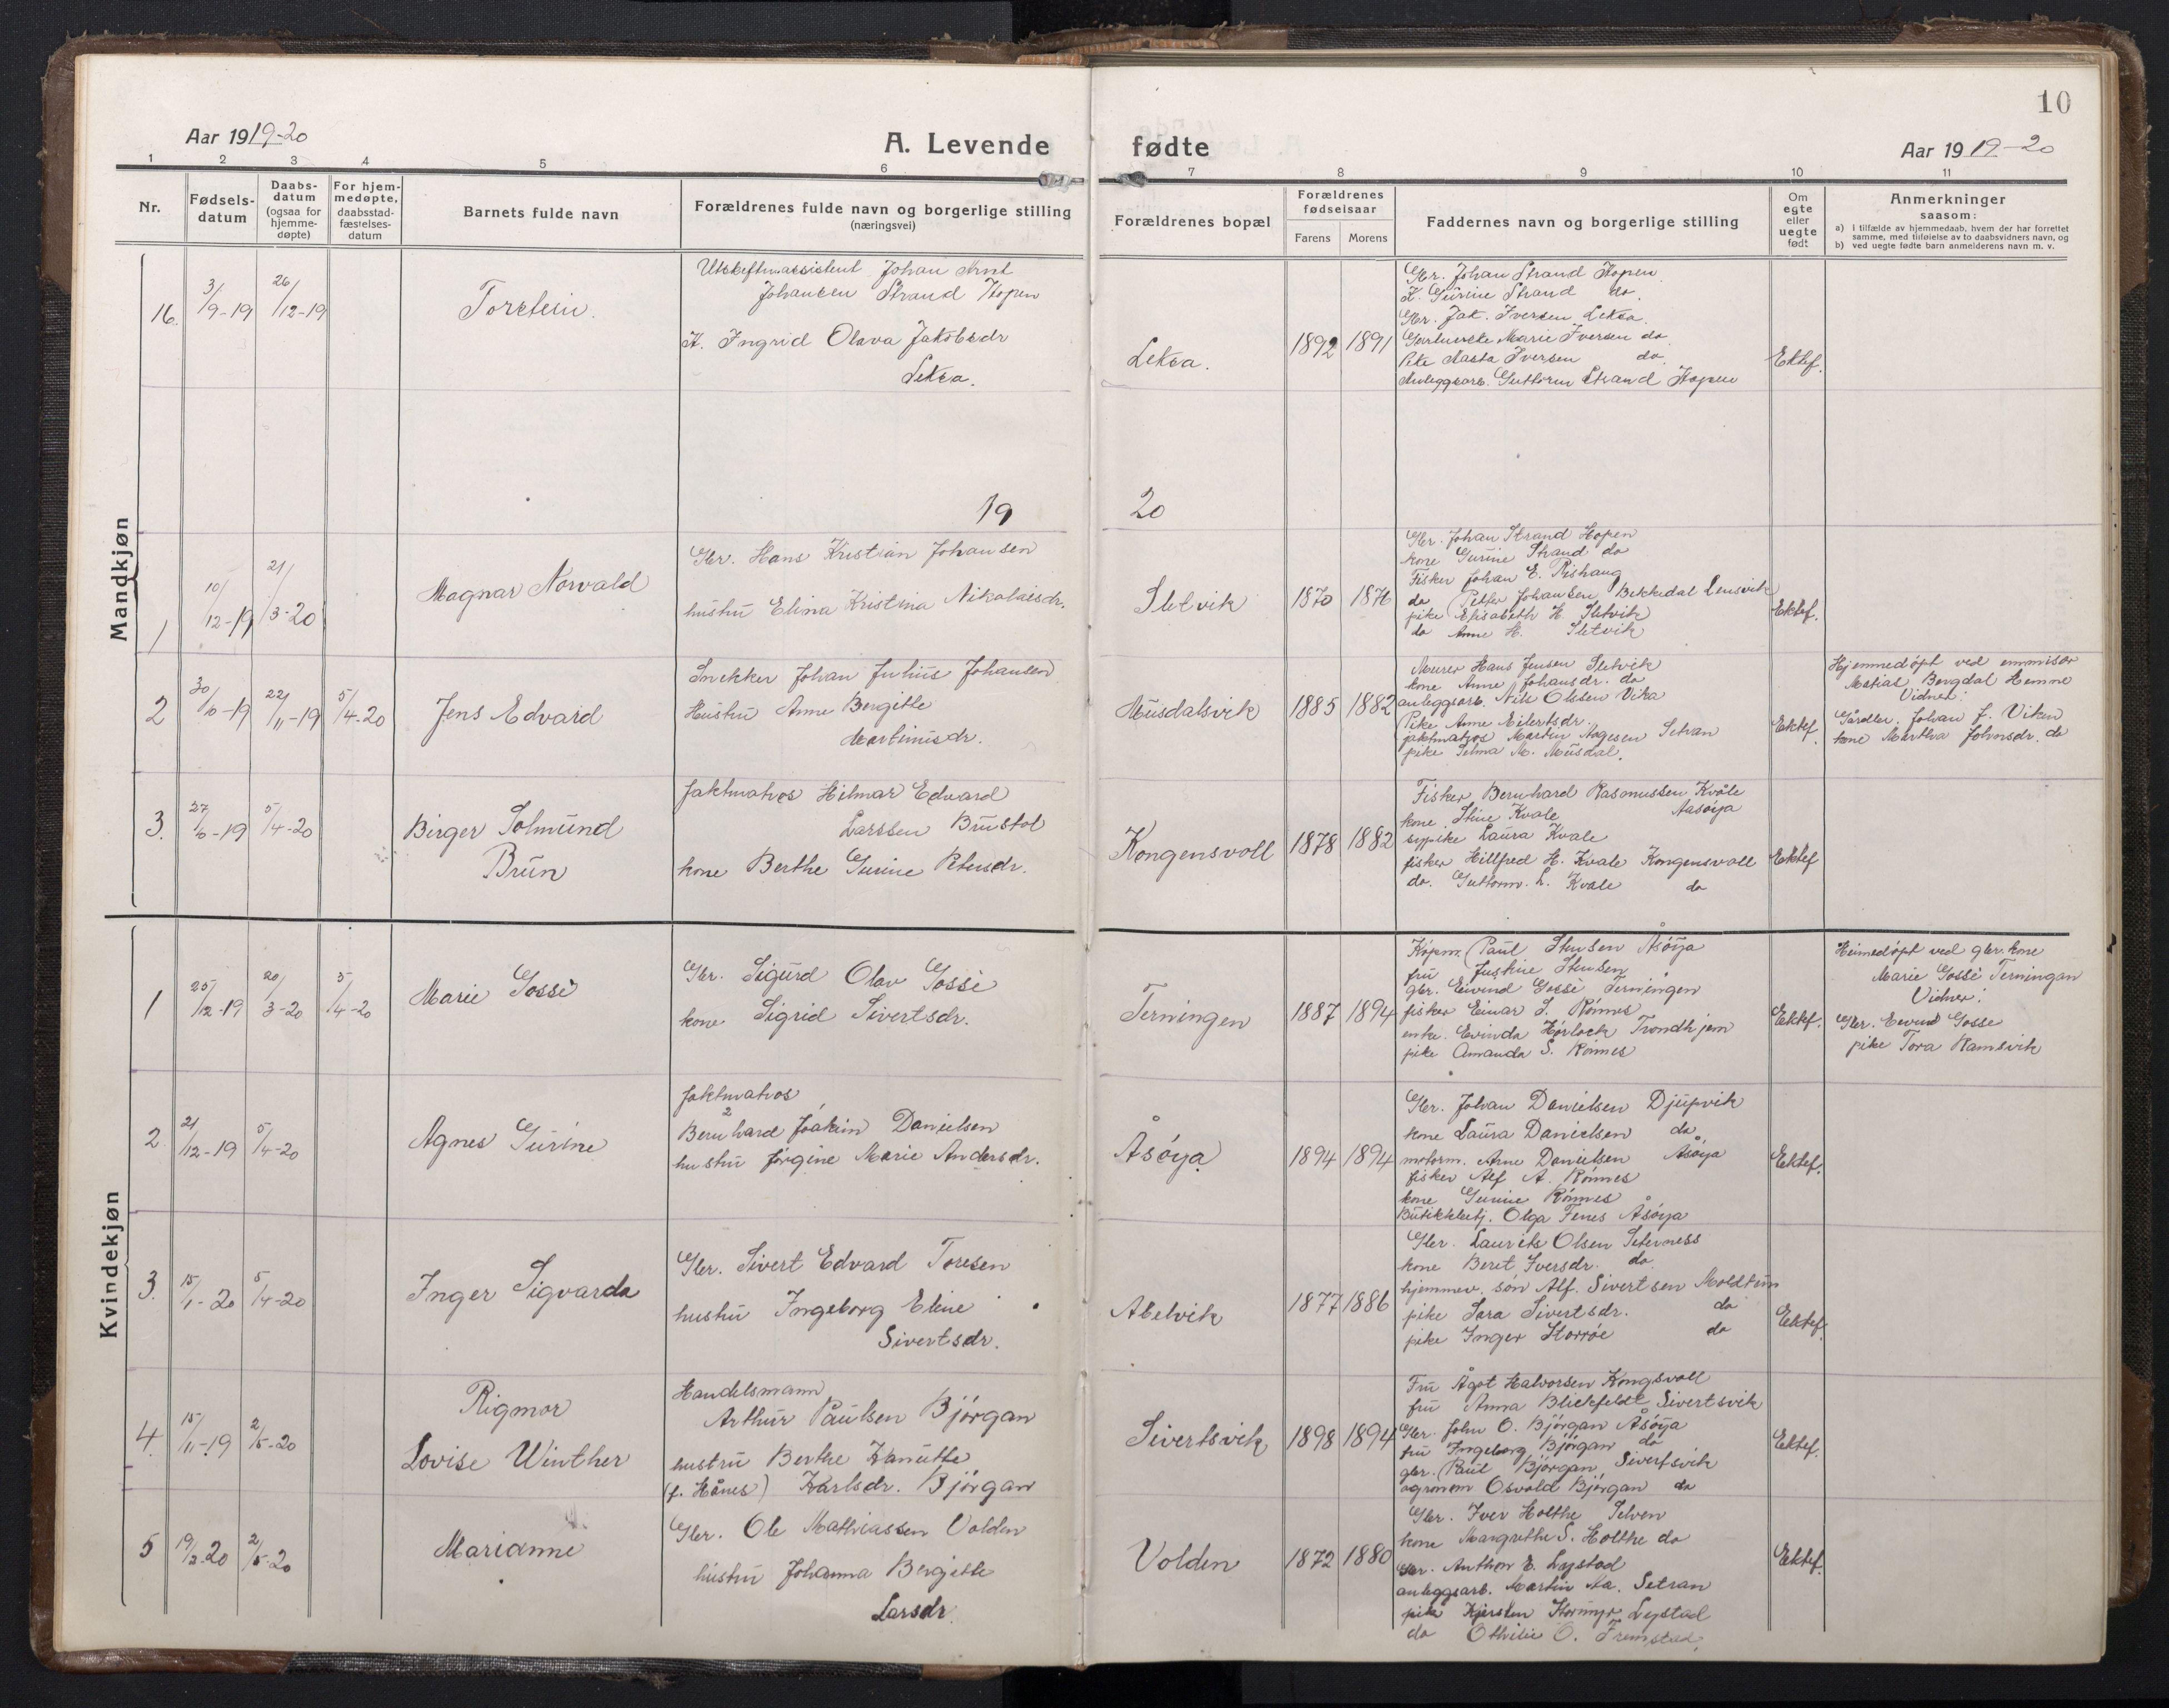 SAT, Ministerialprotokoller, klokkerbøker og fødselsregistre - Sør-Trøndelag, 662/L0758: Klokkerbok nr. 662C03, 1918-1948, s. 10